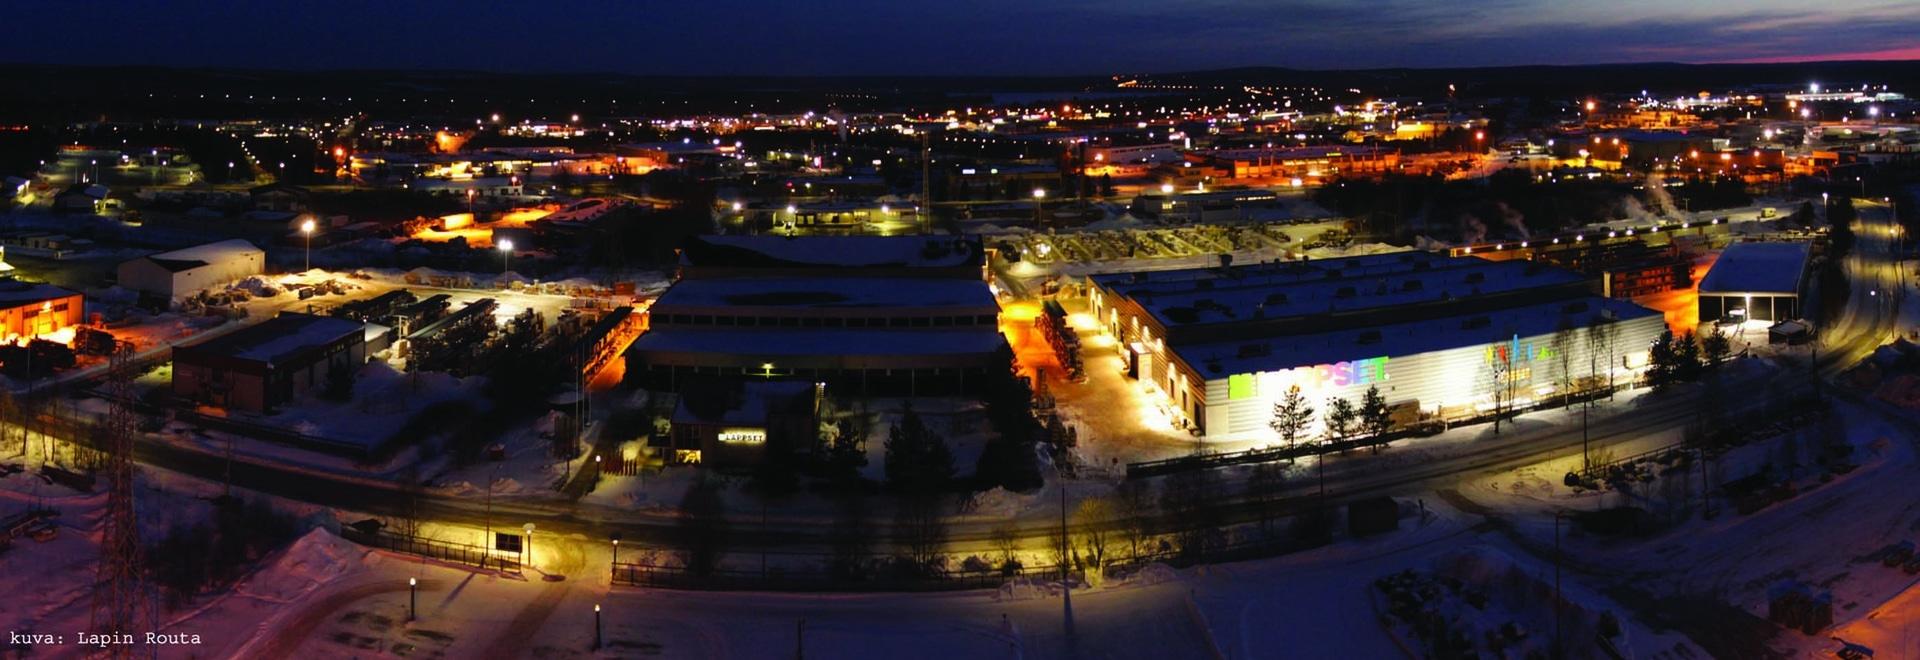 L'usine Lappset de Rovaniemi passe avec succès l'audit externe